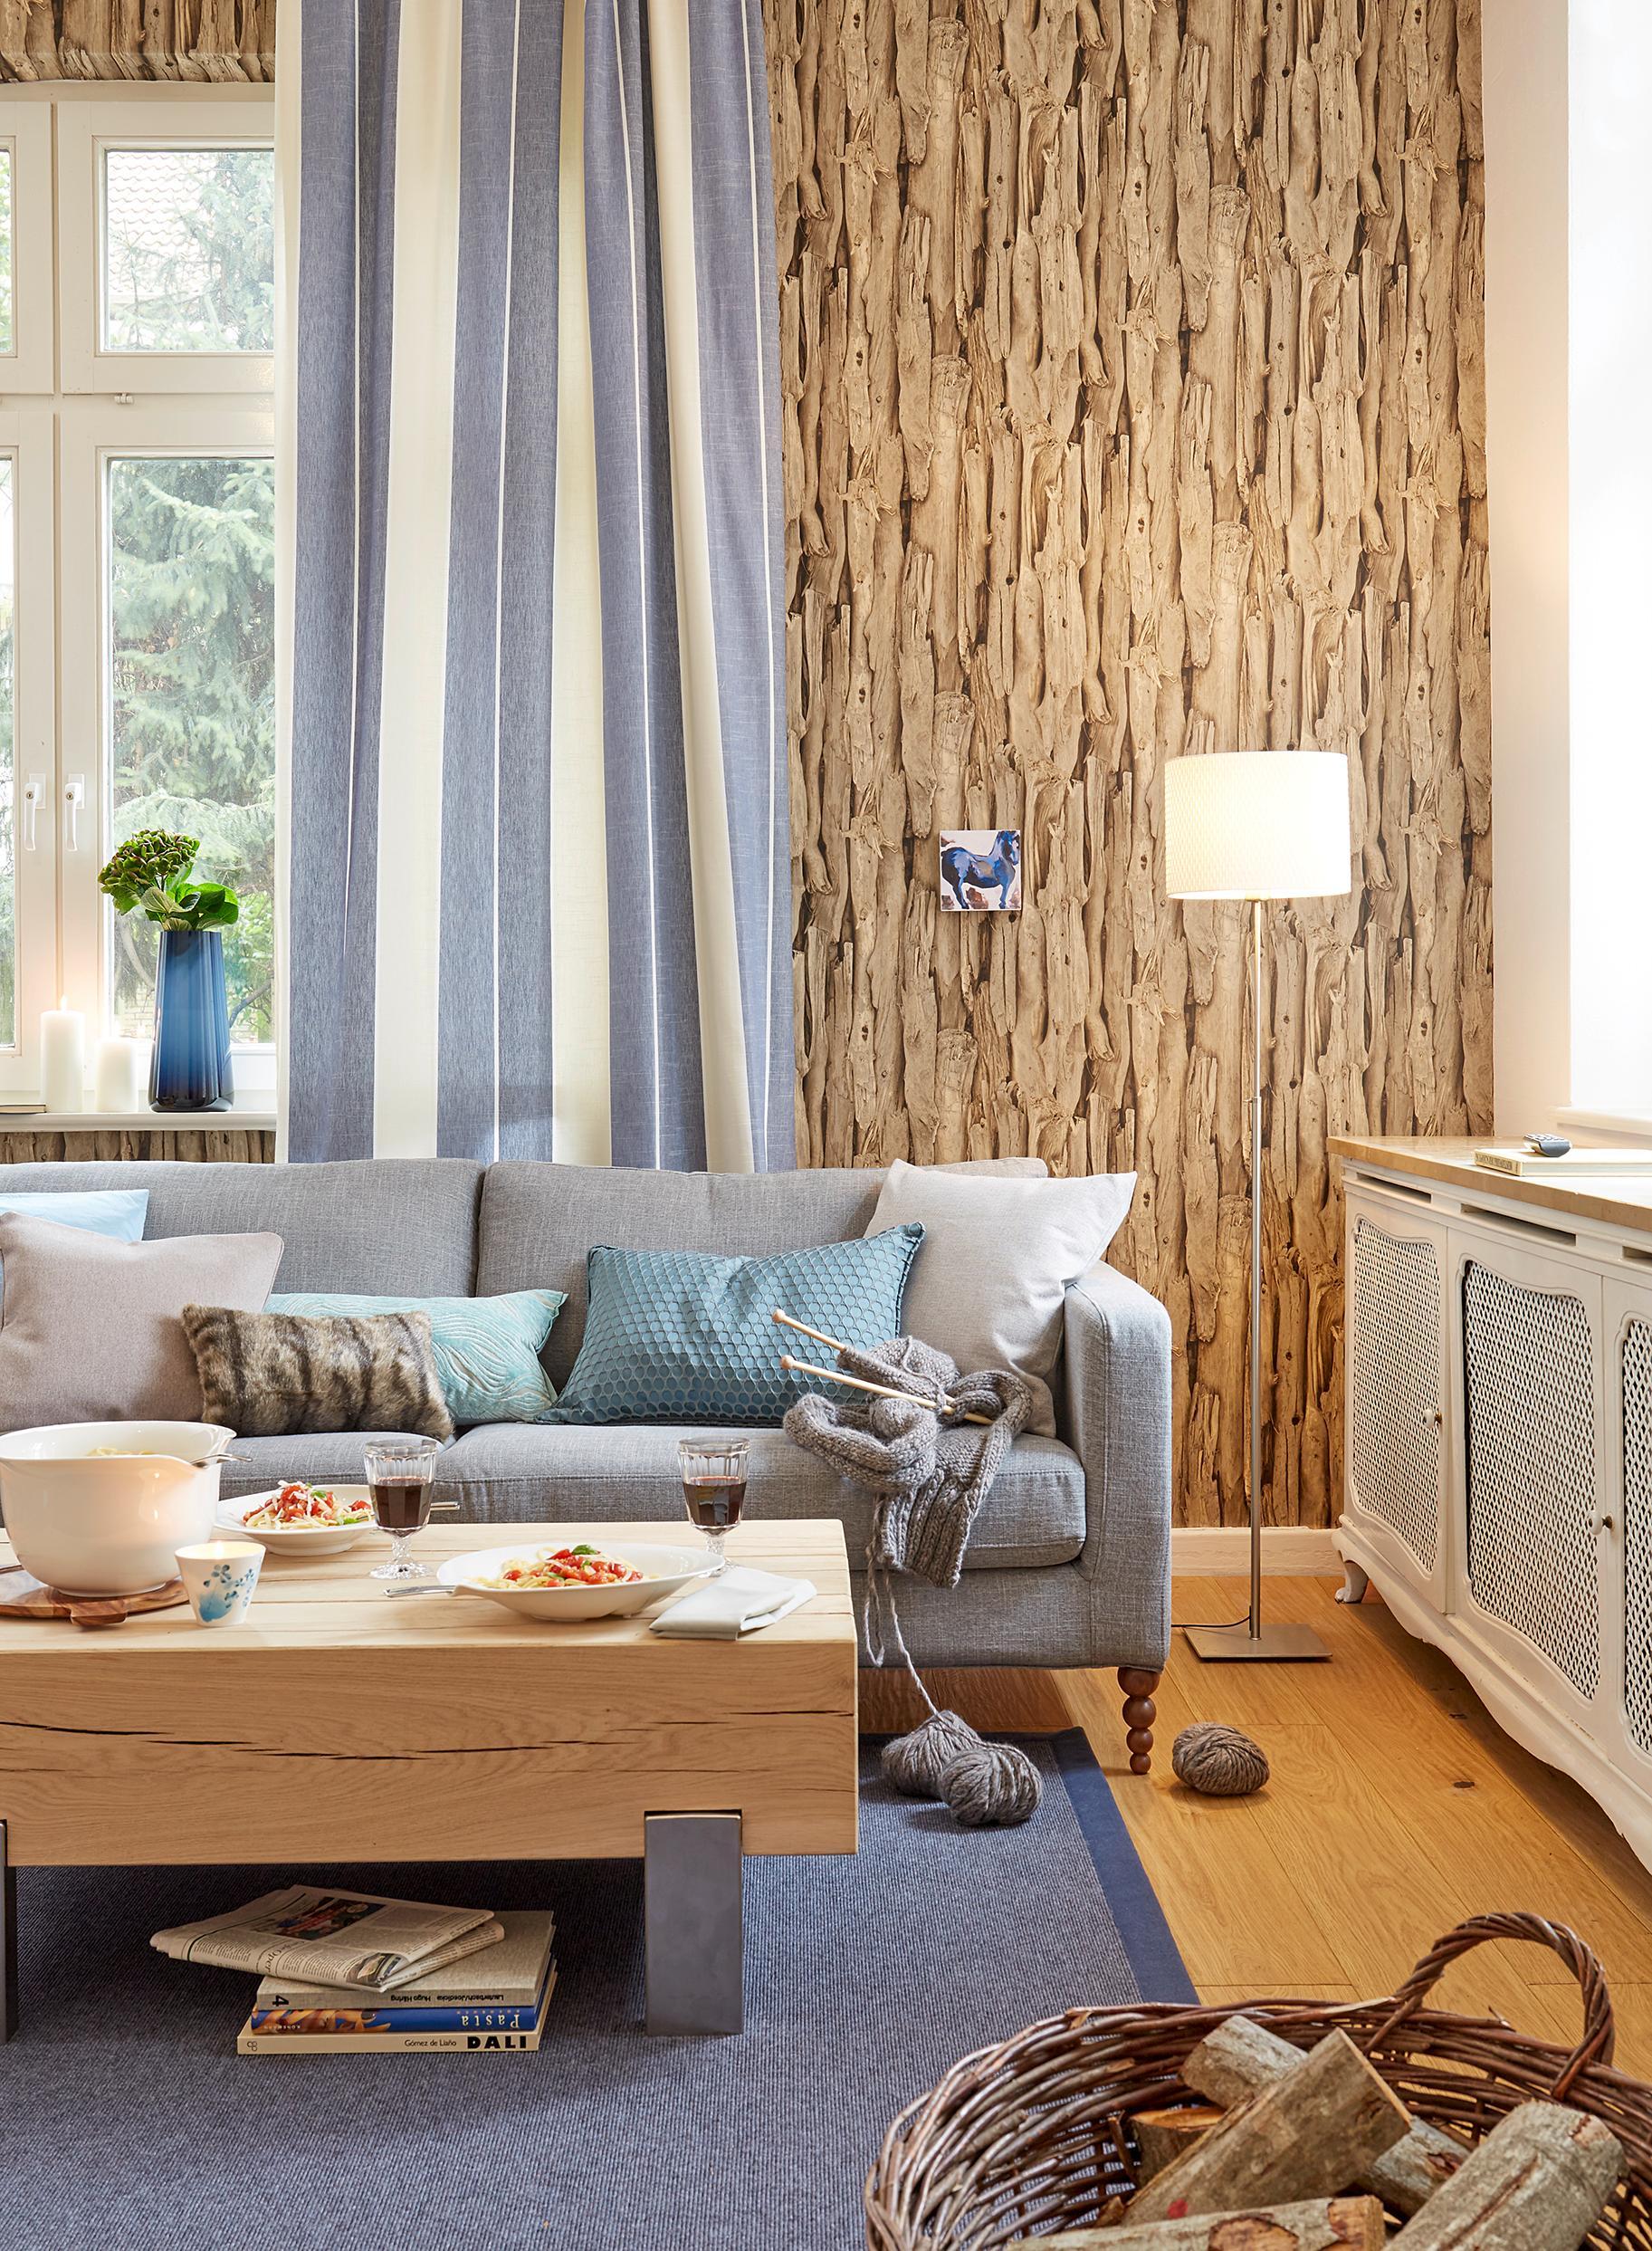 Holz Im Wohnzimmer Kissen Ikea Zimmergestaltung CSaustark Design GmbH